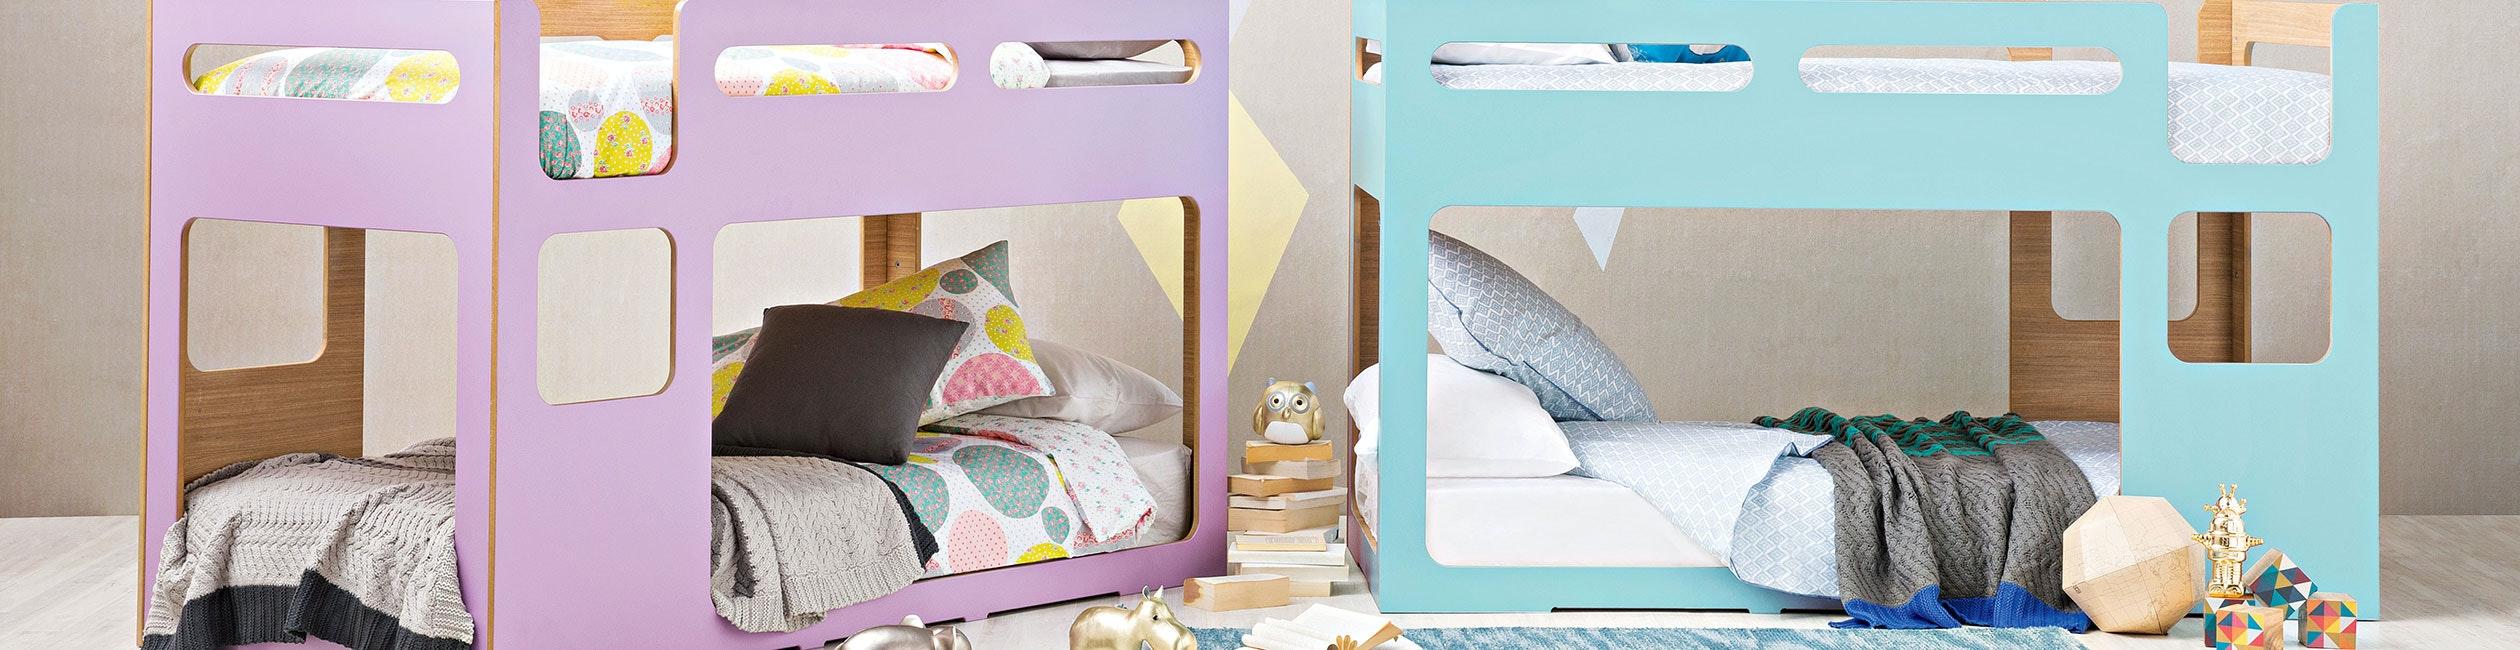 Kid Beds Kids Furniture – Bunk Beds Toddler Bed